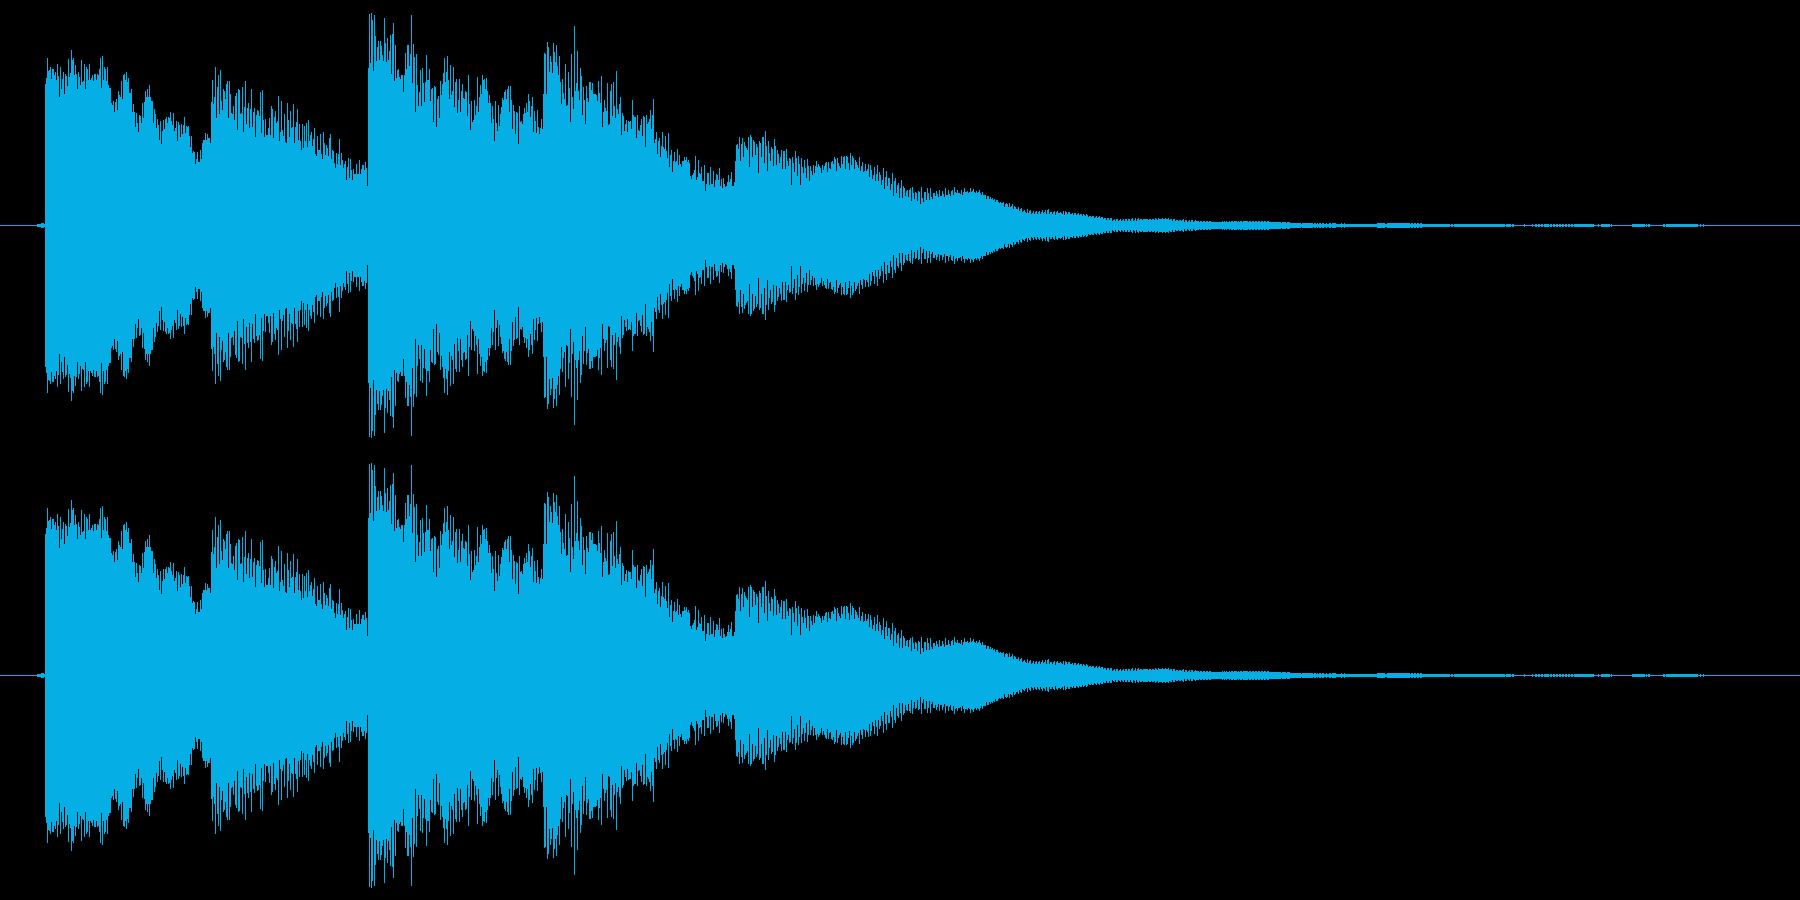 テロップ表示 ピコピコリンの再生済みの波形